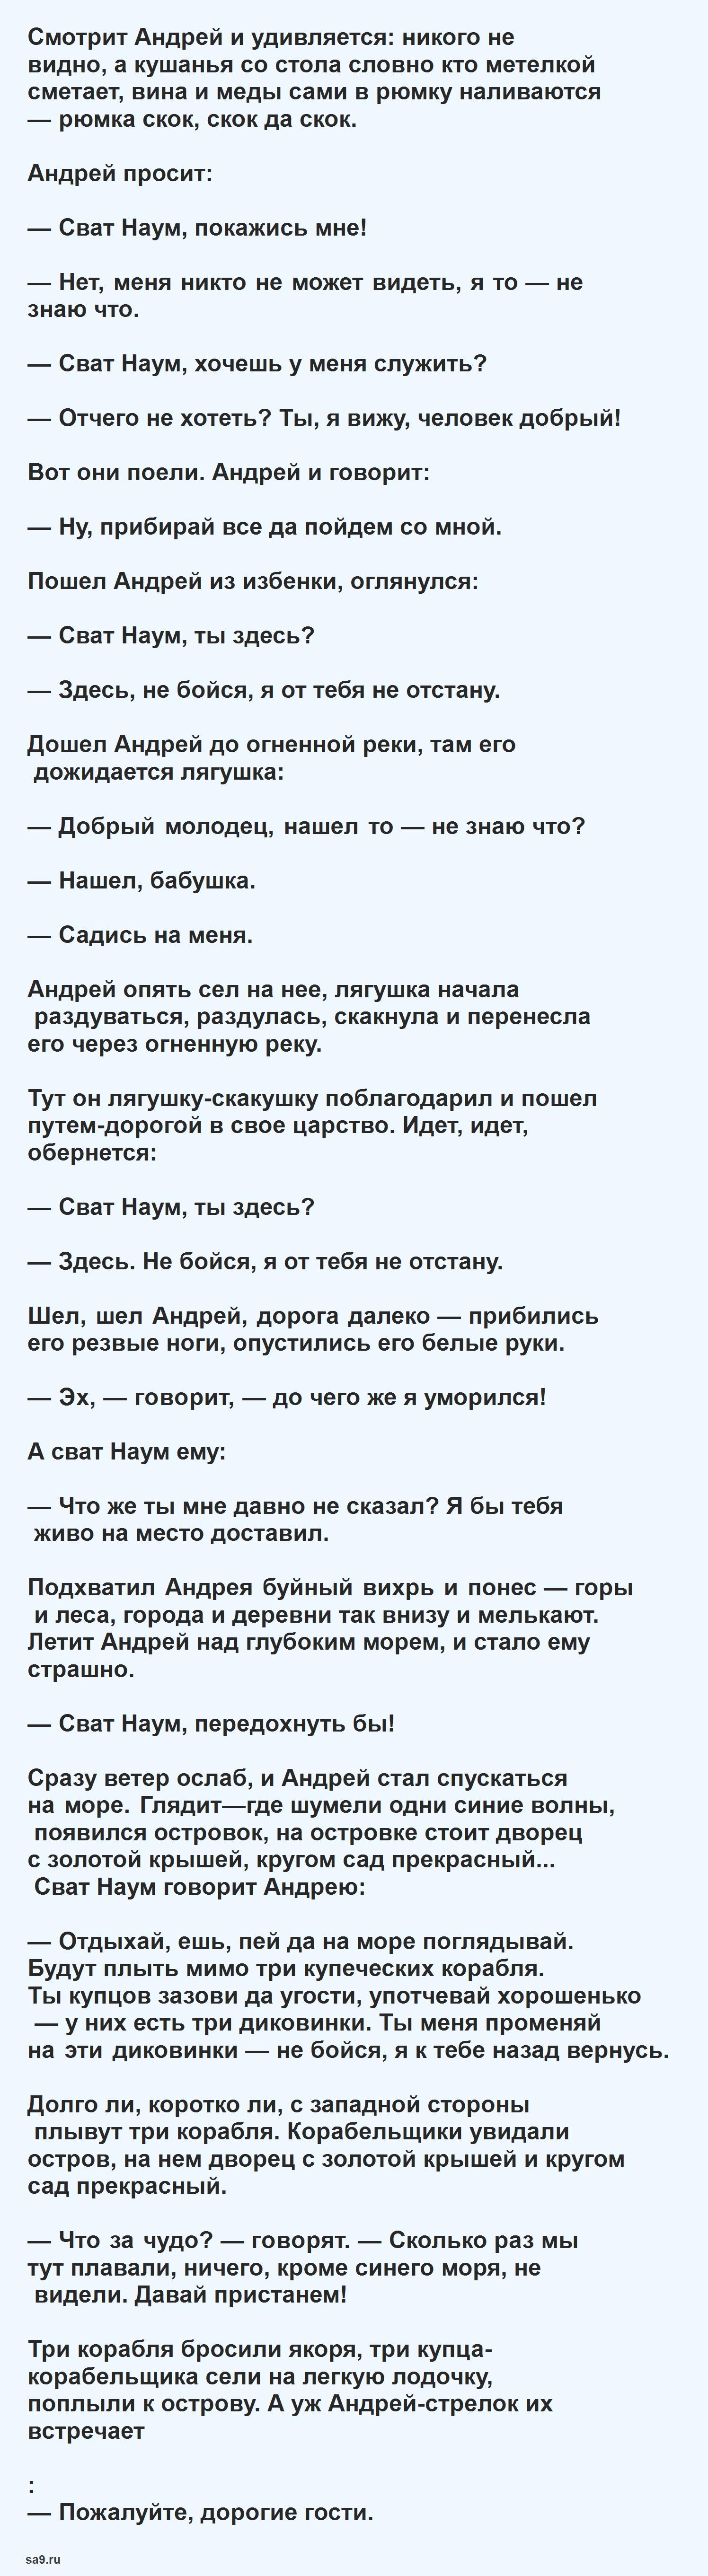 Поди туда не знаю куда, принеси то не знаю что - русская народная сказка